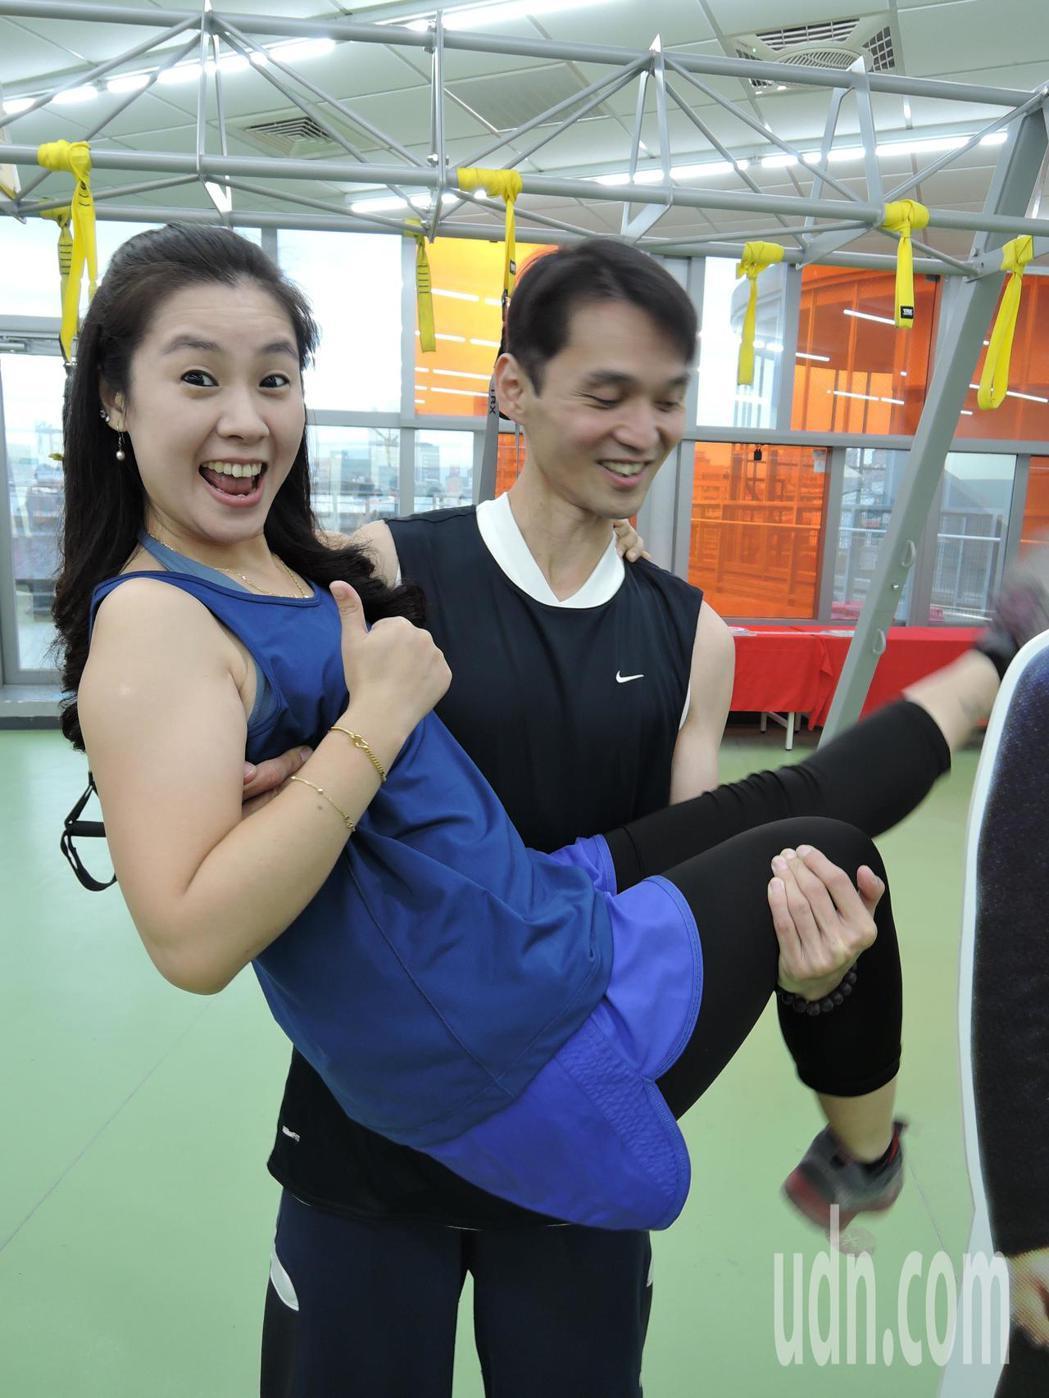 原本體重飆達107公斤的陳志鴻,藉由運動加上飲食控制,半年內甩掉33公斤 ,還因...